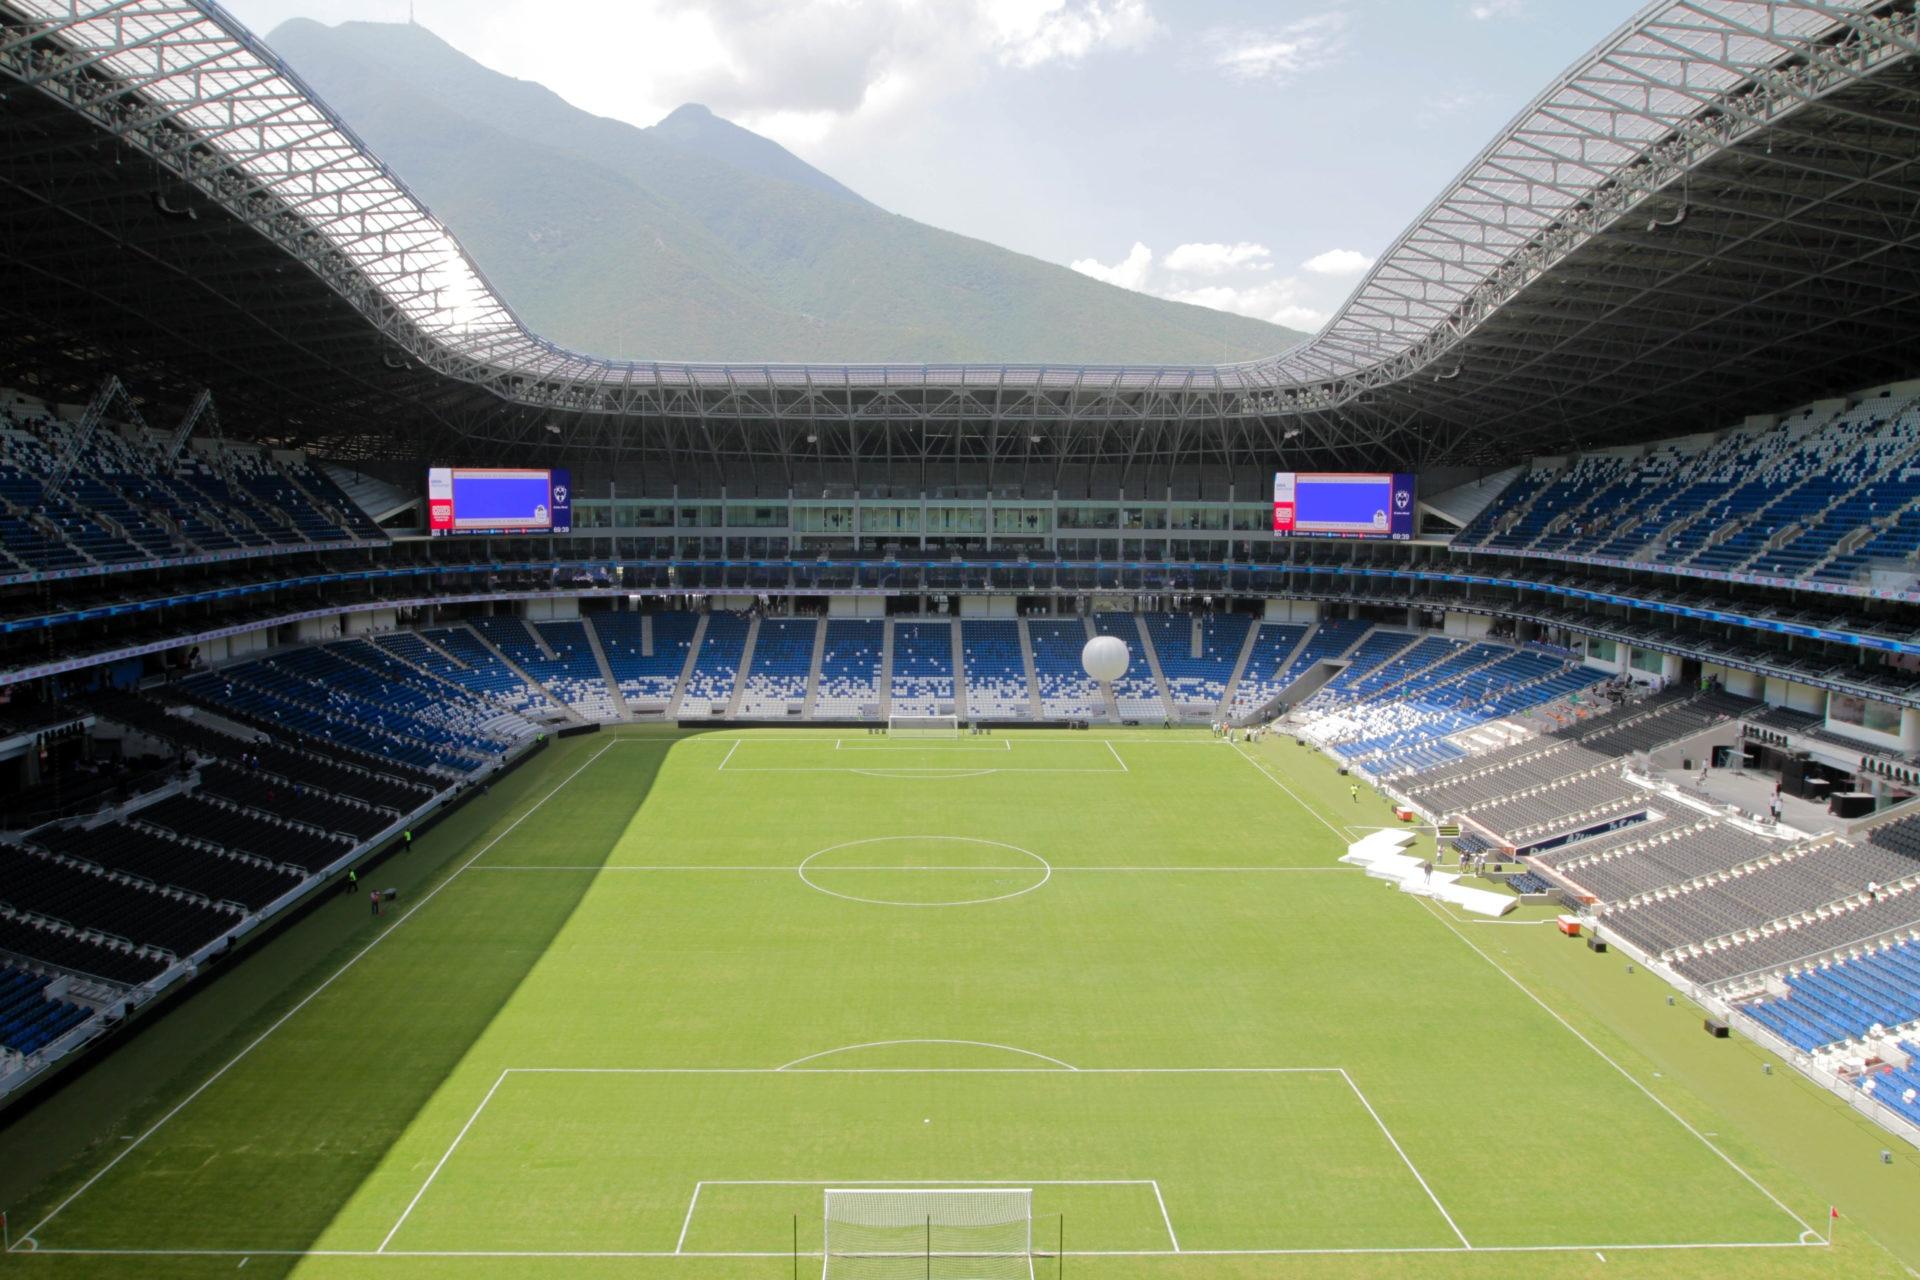 Estadio BBVA Bancomer, Casa de los Rayados de Monterrey